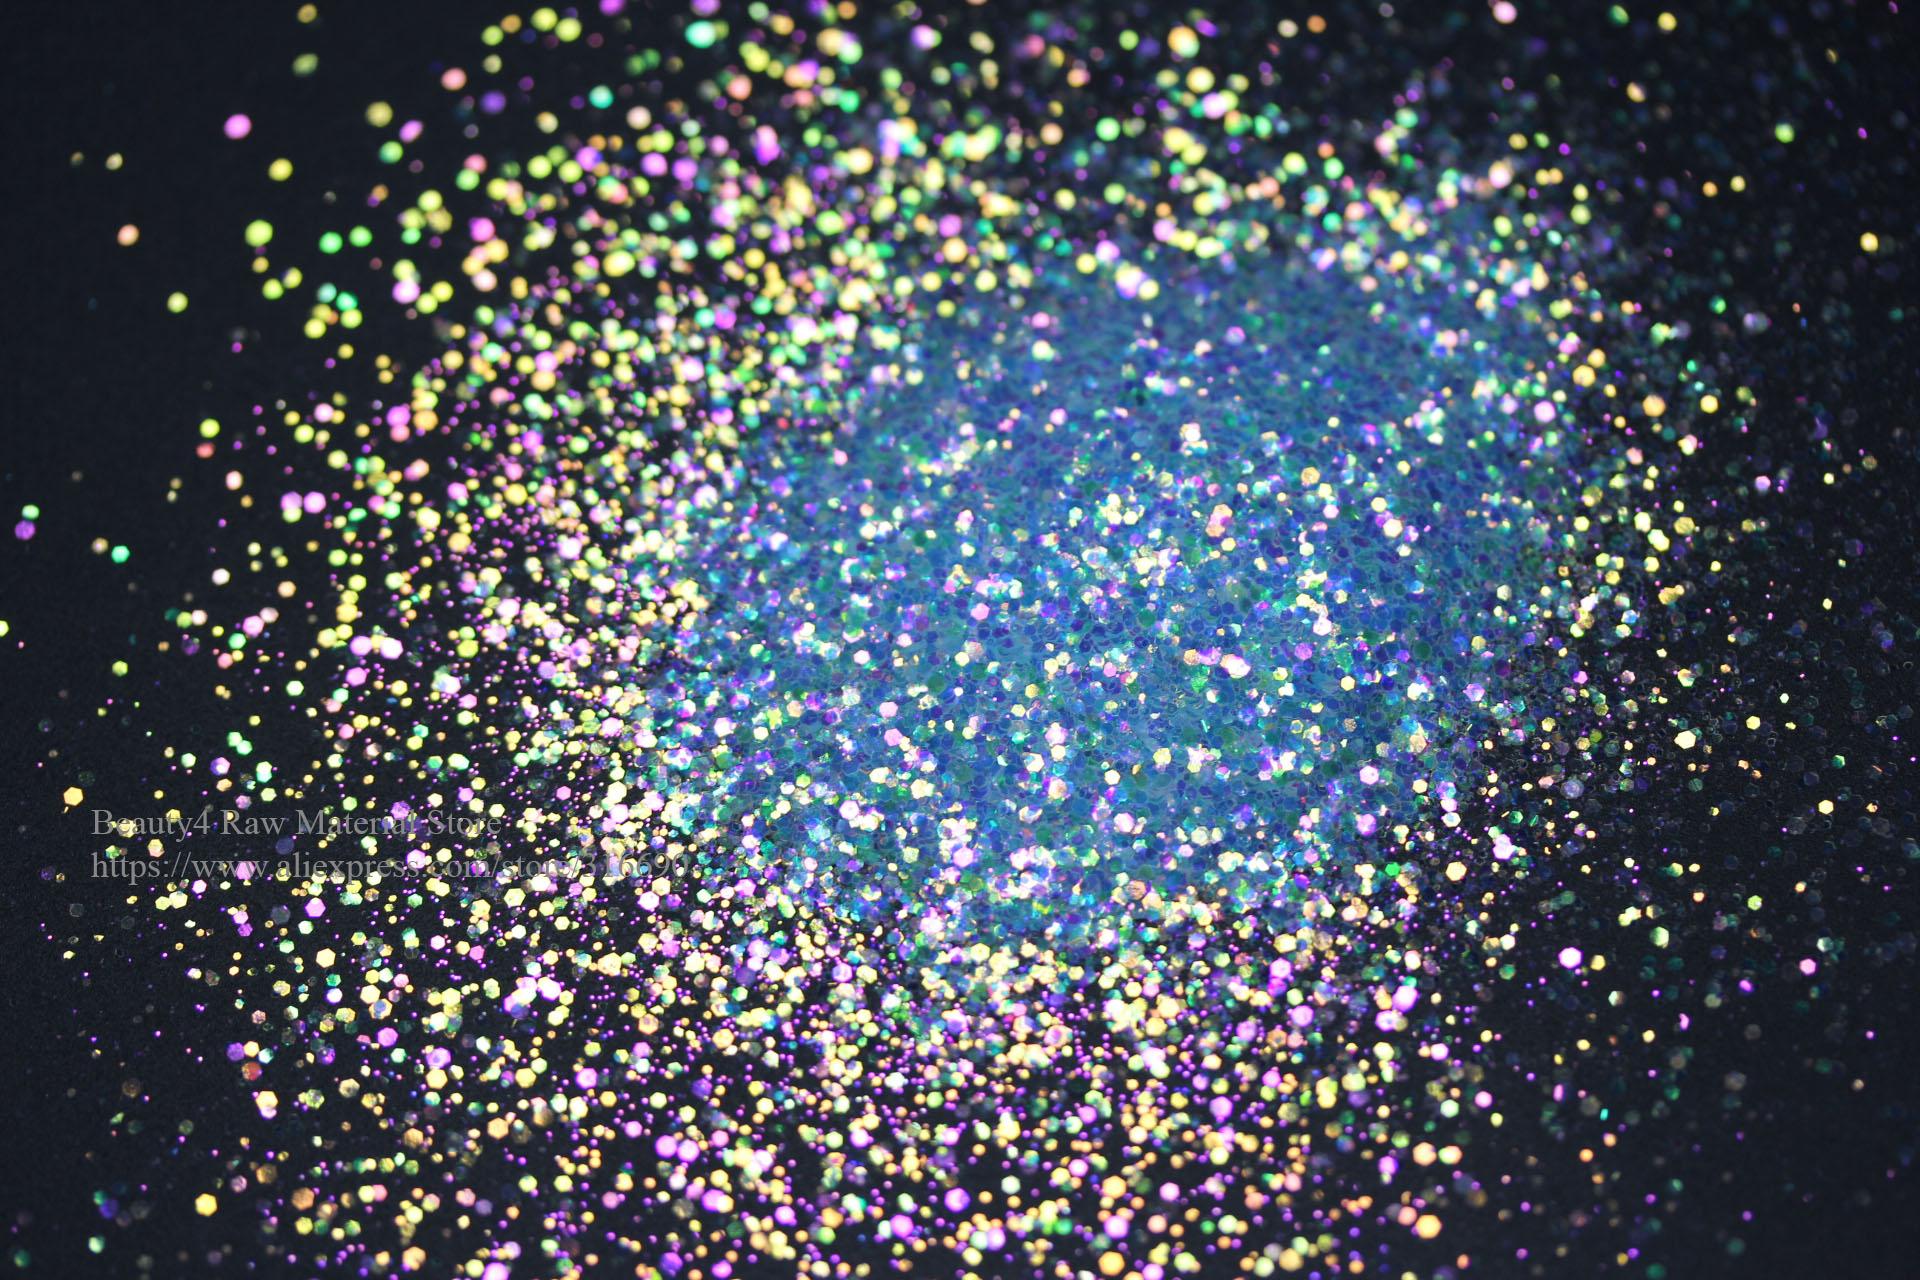 Mezcla de purpurina blanca iridiscente colorida cosmética, purpurina artesanal para arte en uñas, molde epoxi, fabricación de joyas, decoración artística